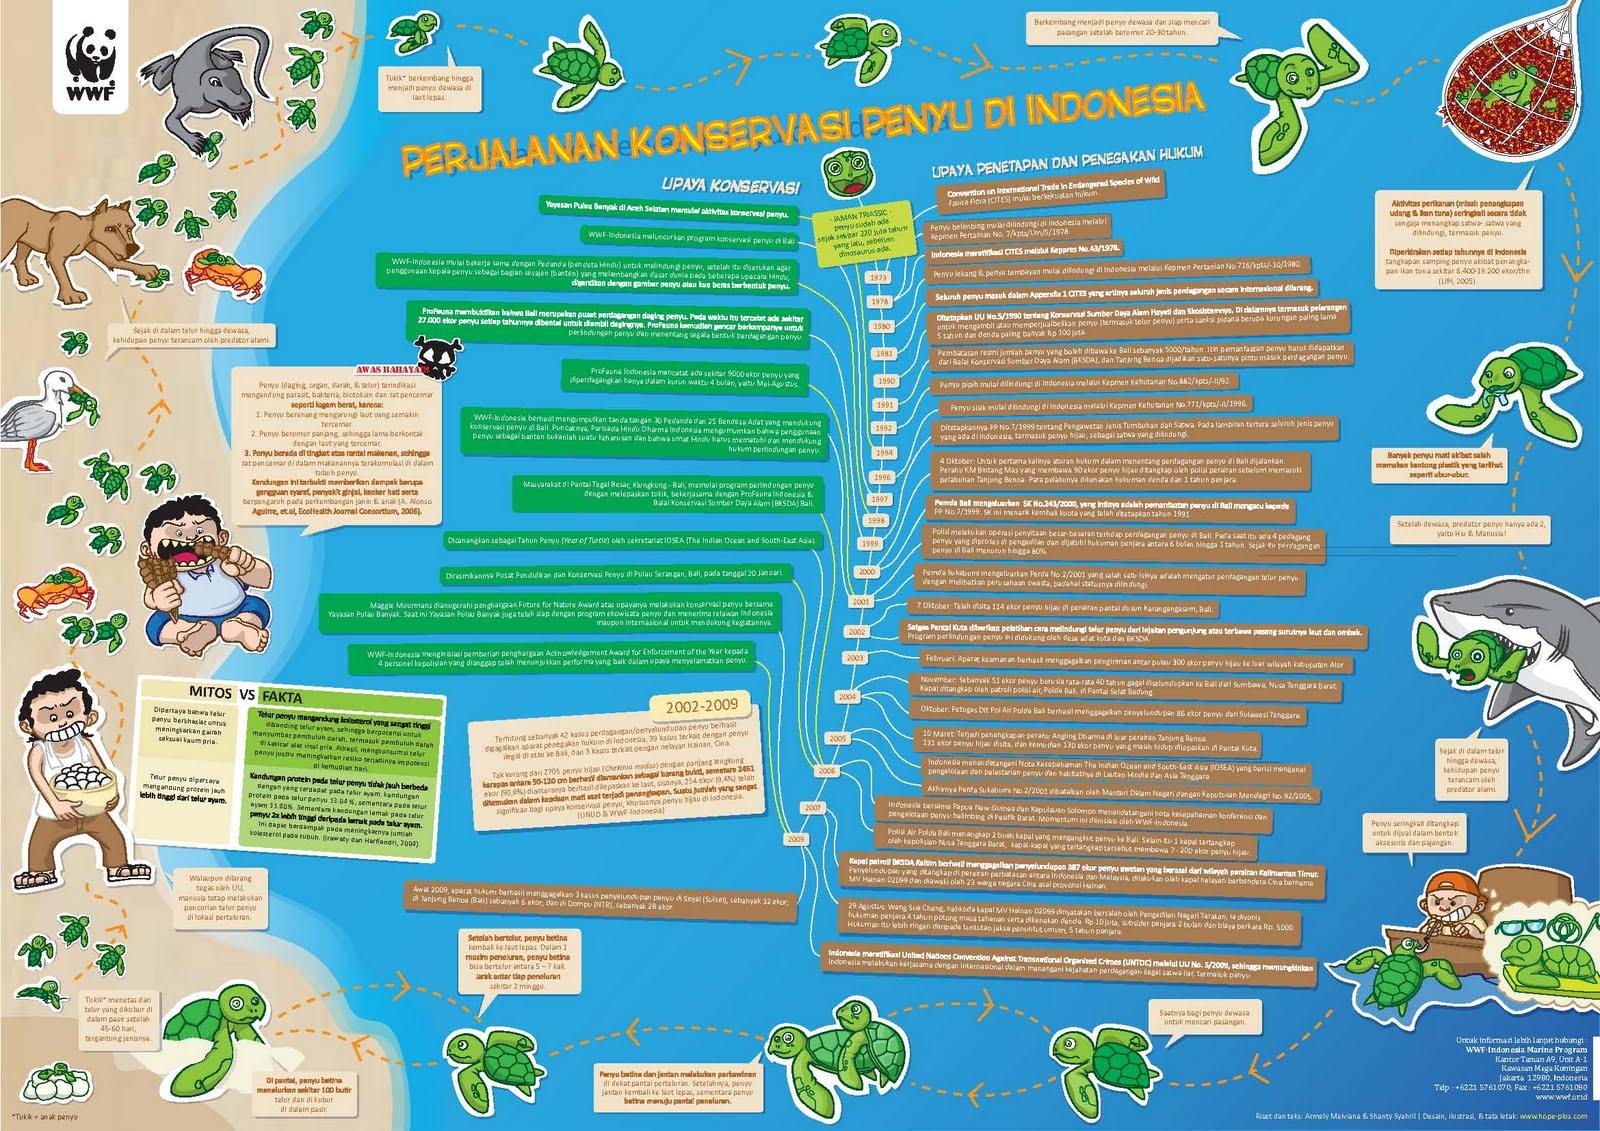 peta penyebaran penyu di indonesia